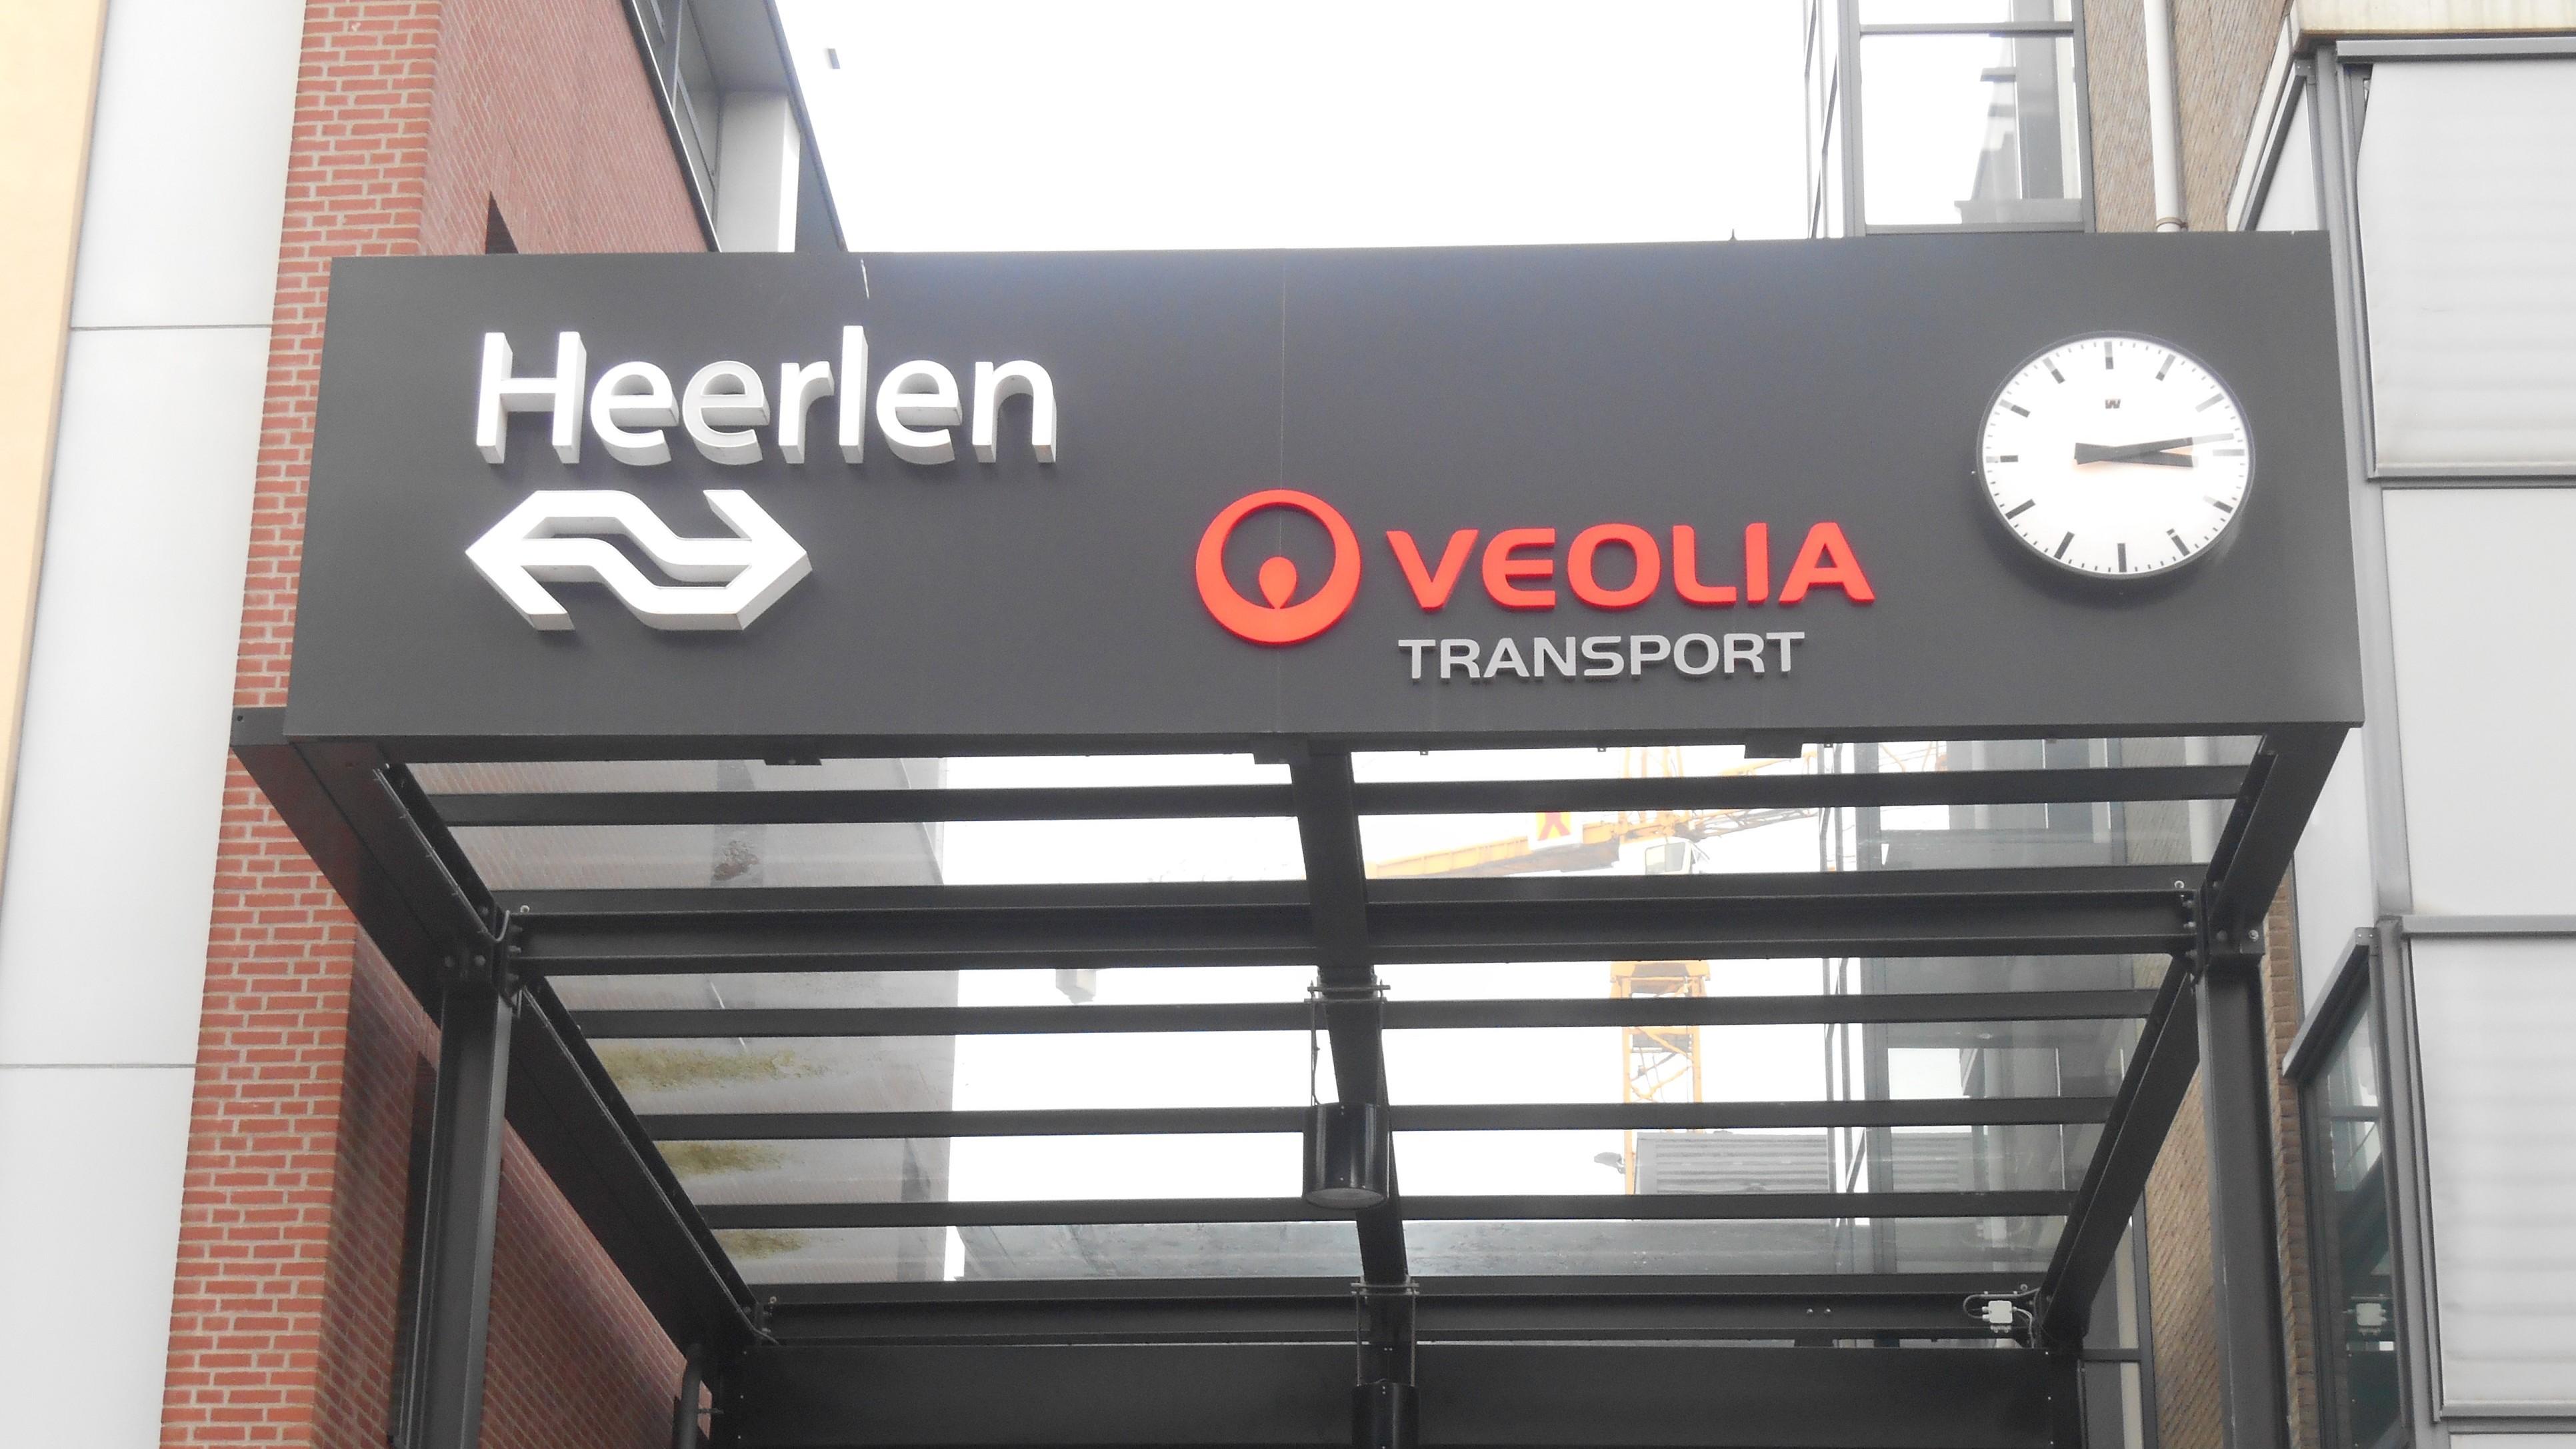 dating nl site Heerlen